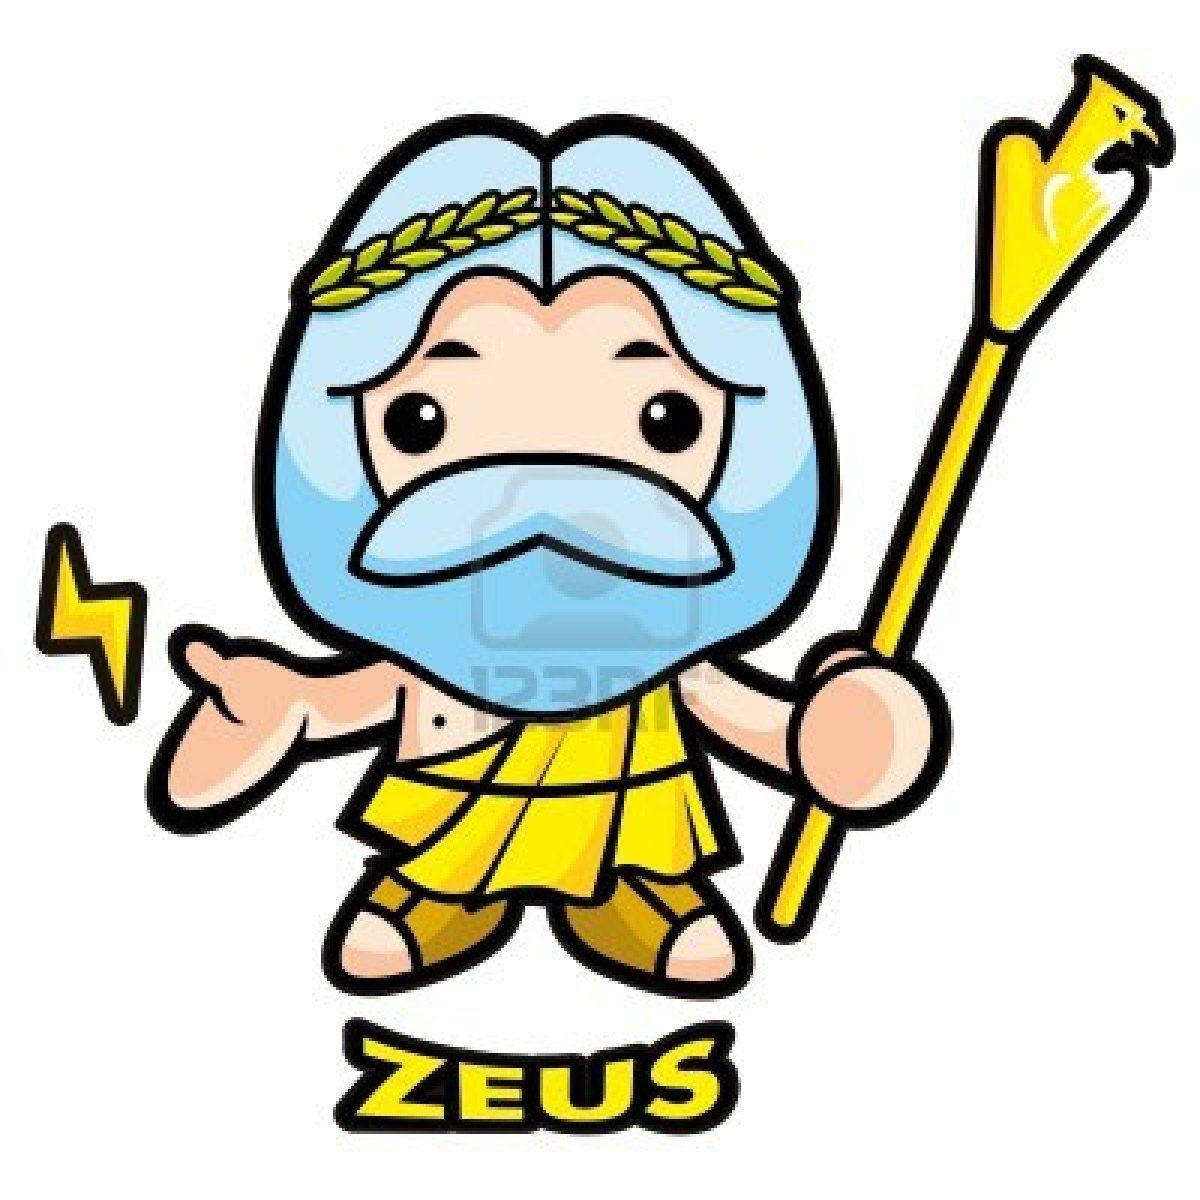 zeus cartoon info pinterest cartoon and drawings rh pinterest com zeus face clipart zeus greek god clipart